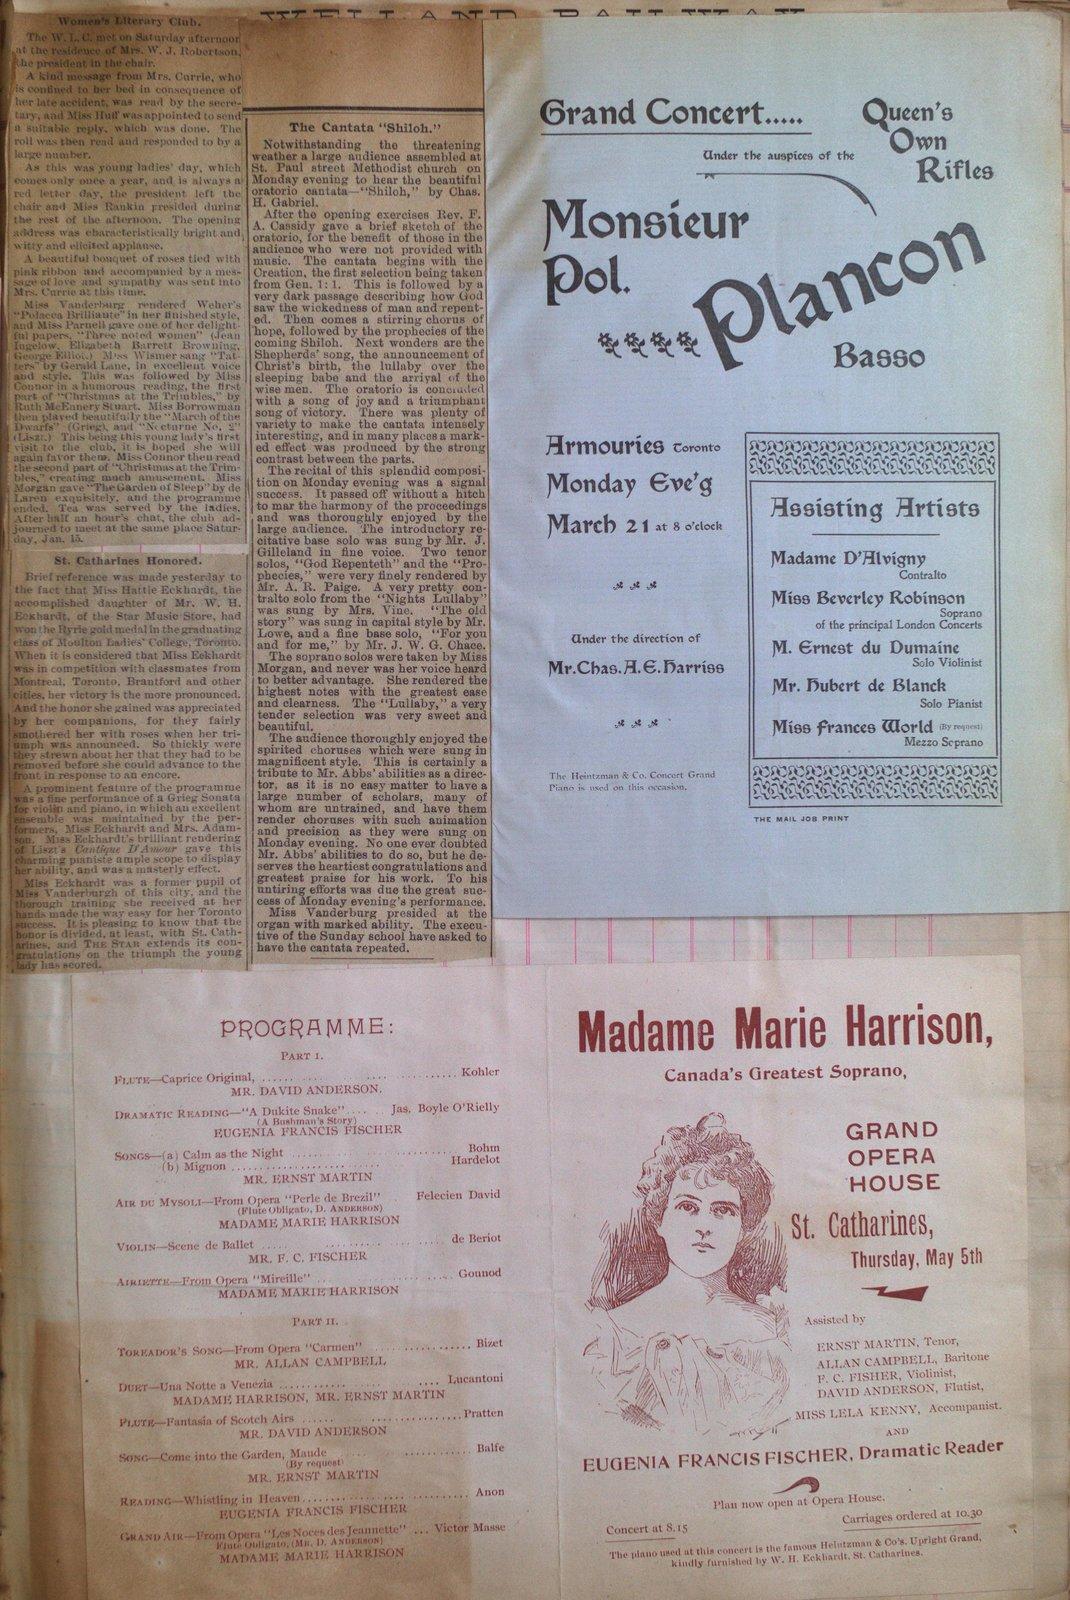 Teresa Vanderburgh's Musical Scrapbook #1 - Musical Programs and Newspaper Clippings